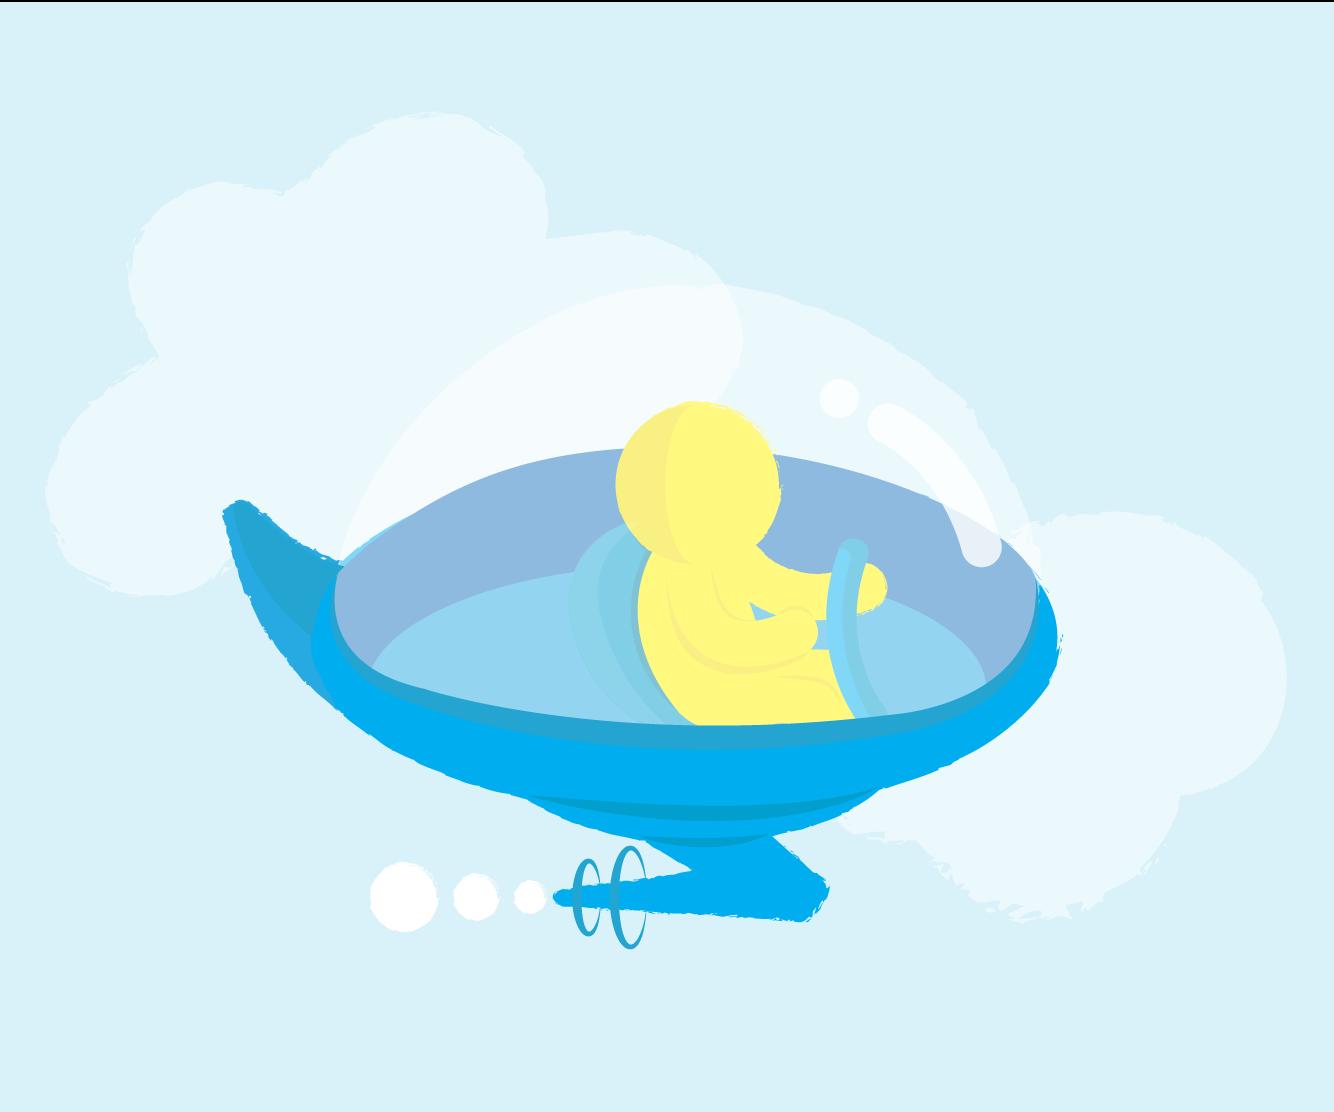 teamfluent-blogpost-illustration-10